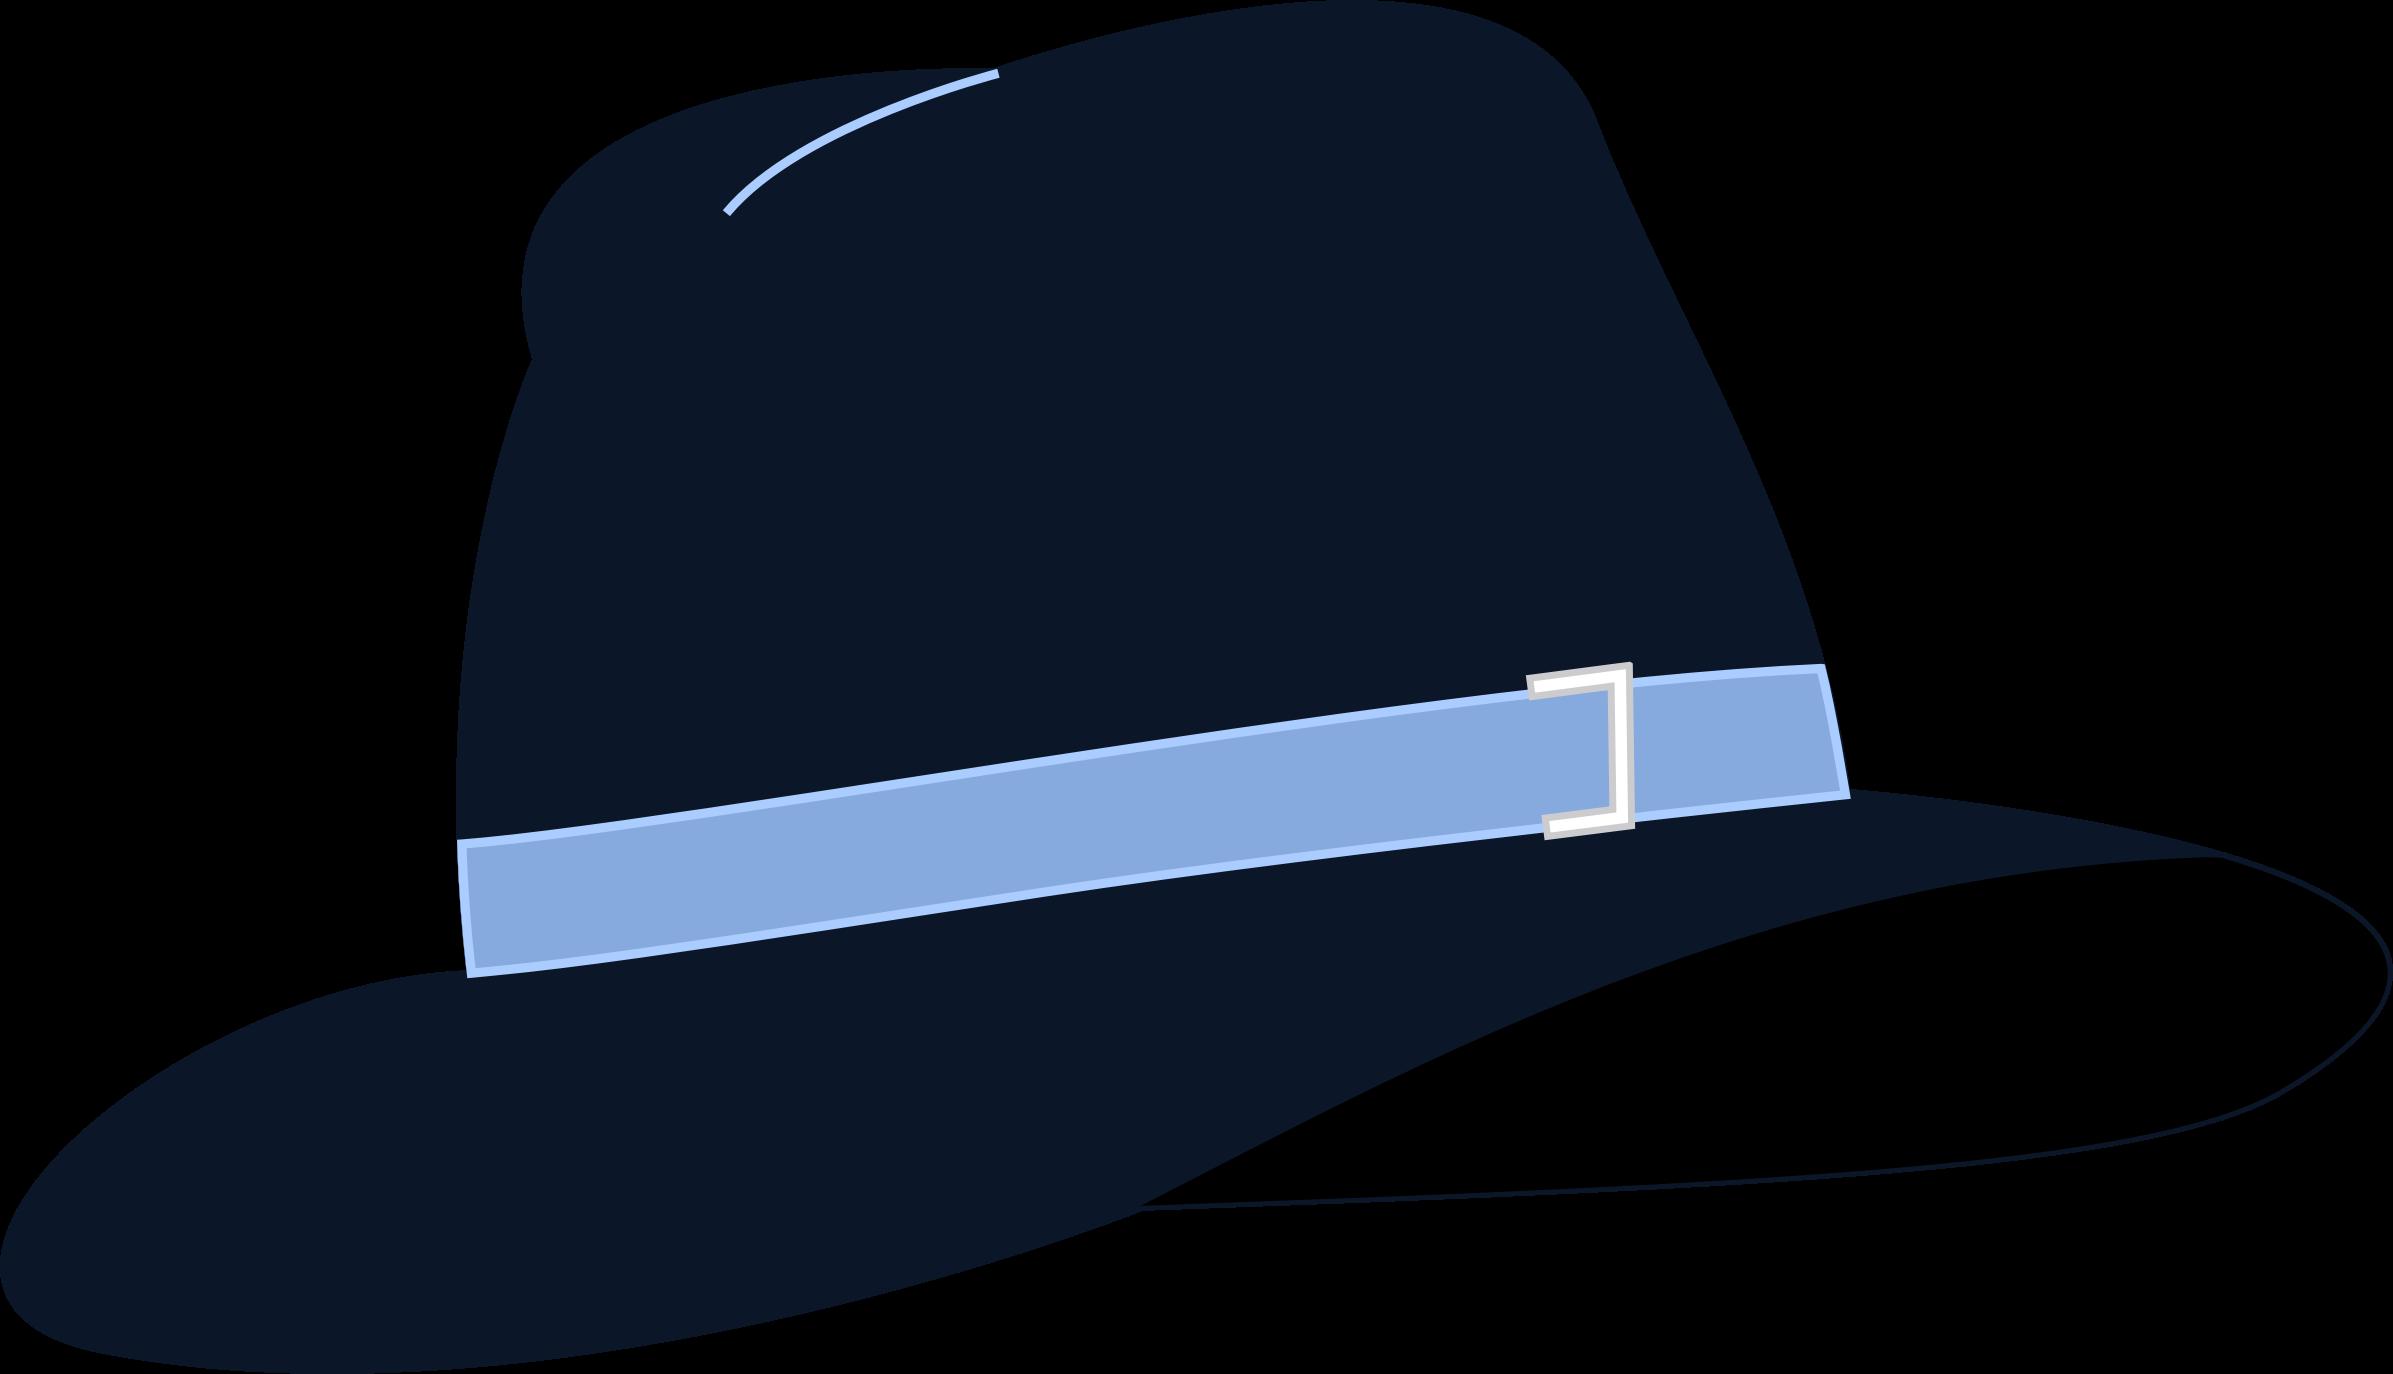 Mafia Hat Cliparts Free Download Clip Art.